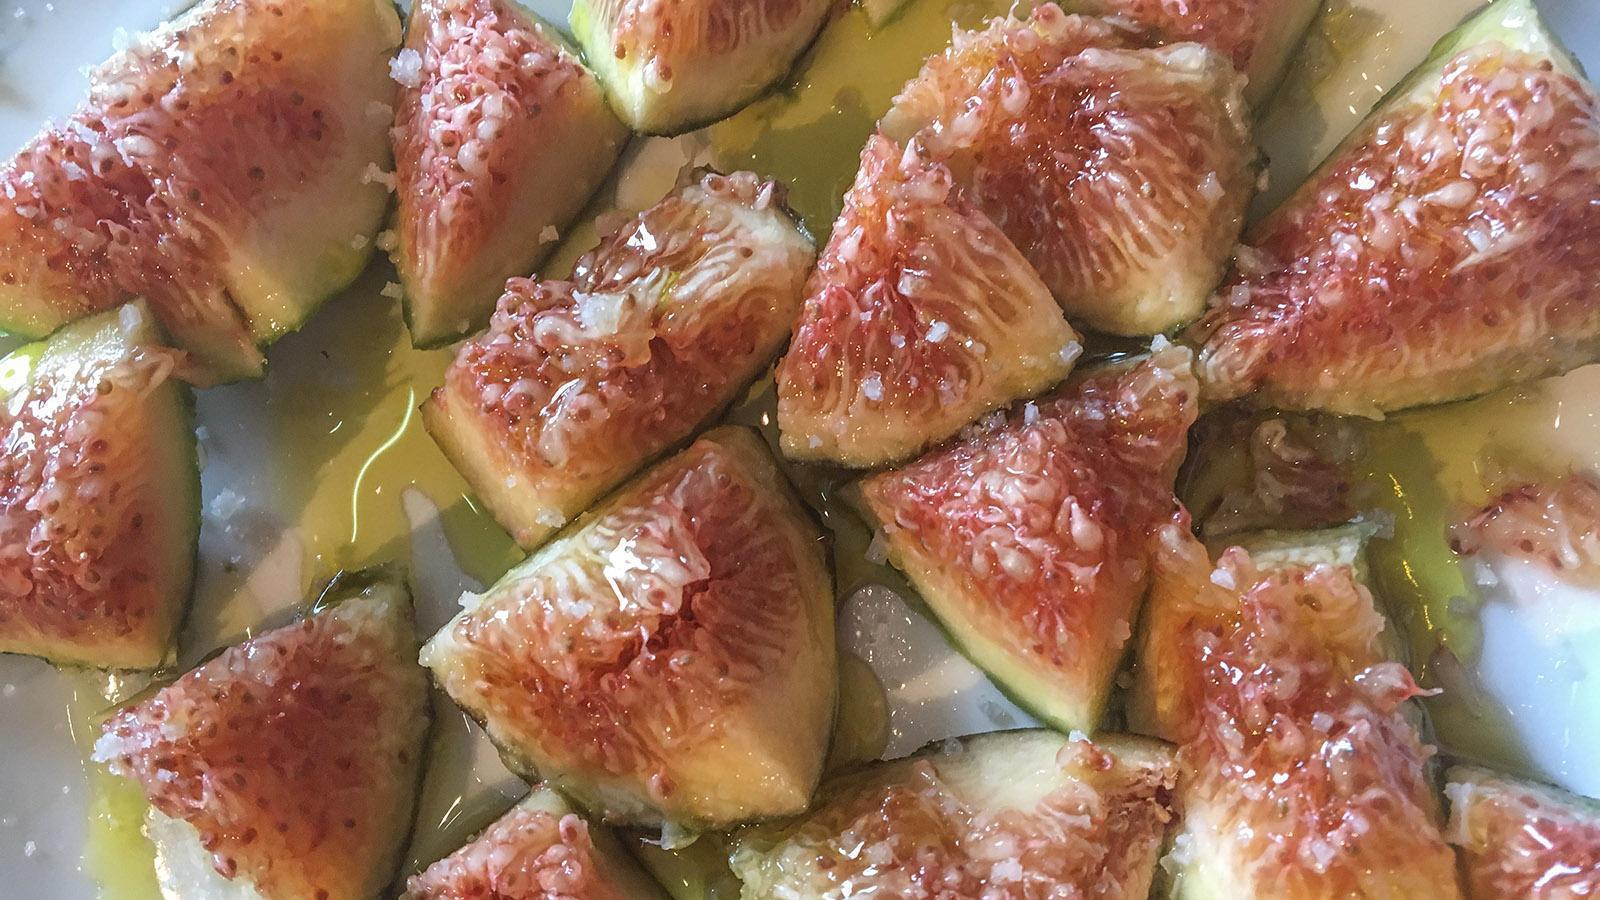 Zum Apéro an der Côte Vermeille werden gerne frische Feigen mit Olivenöl und Meersalz gereicht. Foto: Hilke Maunder